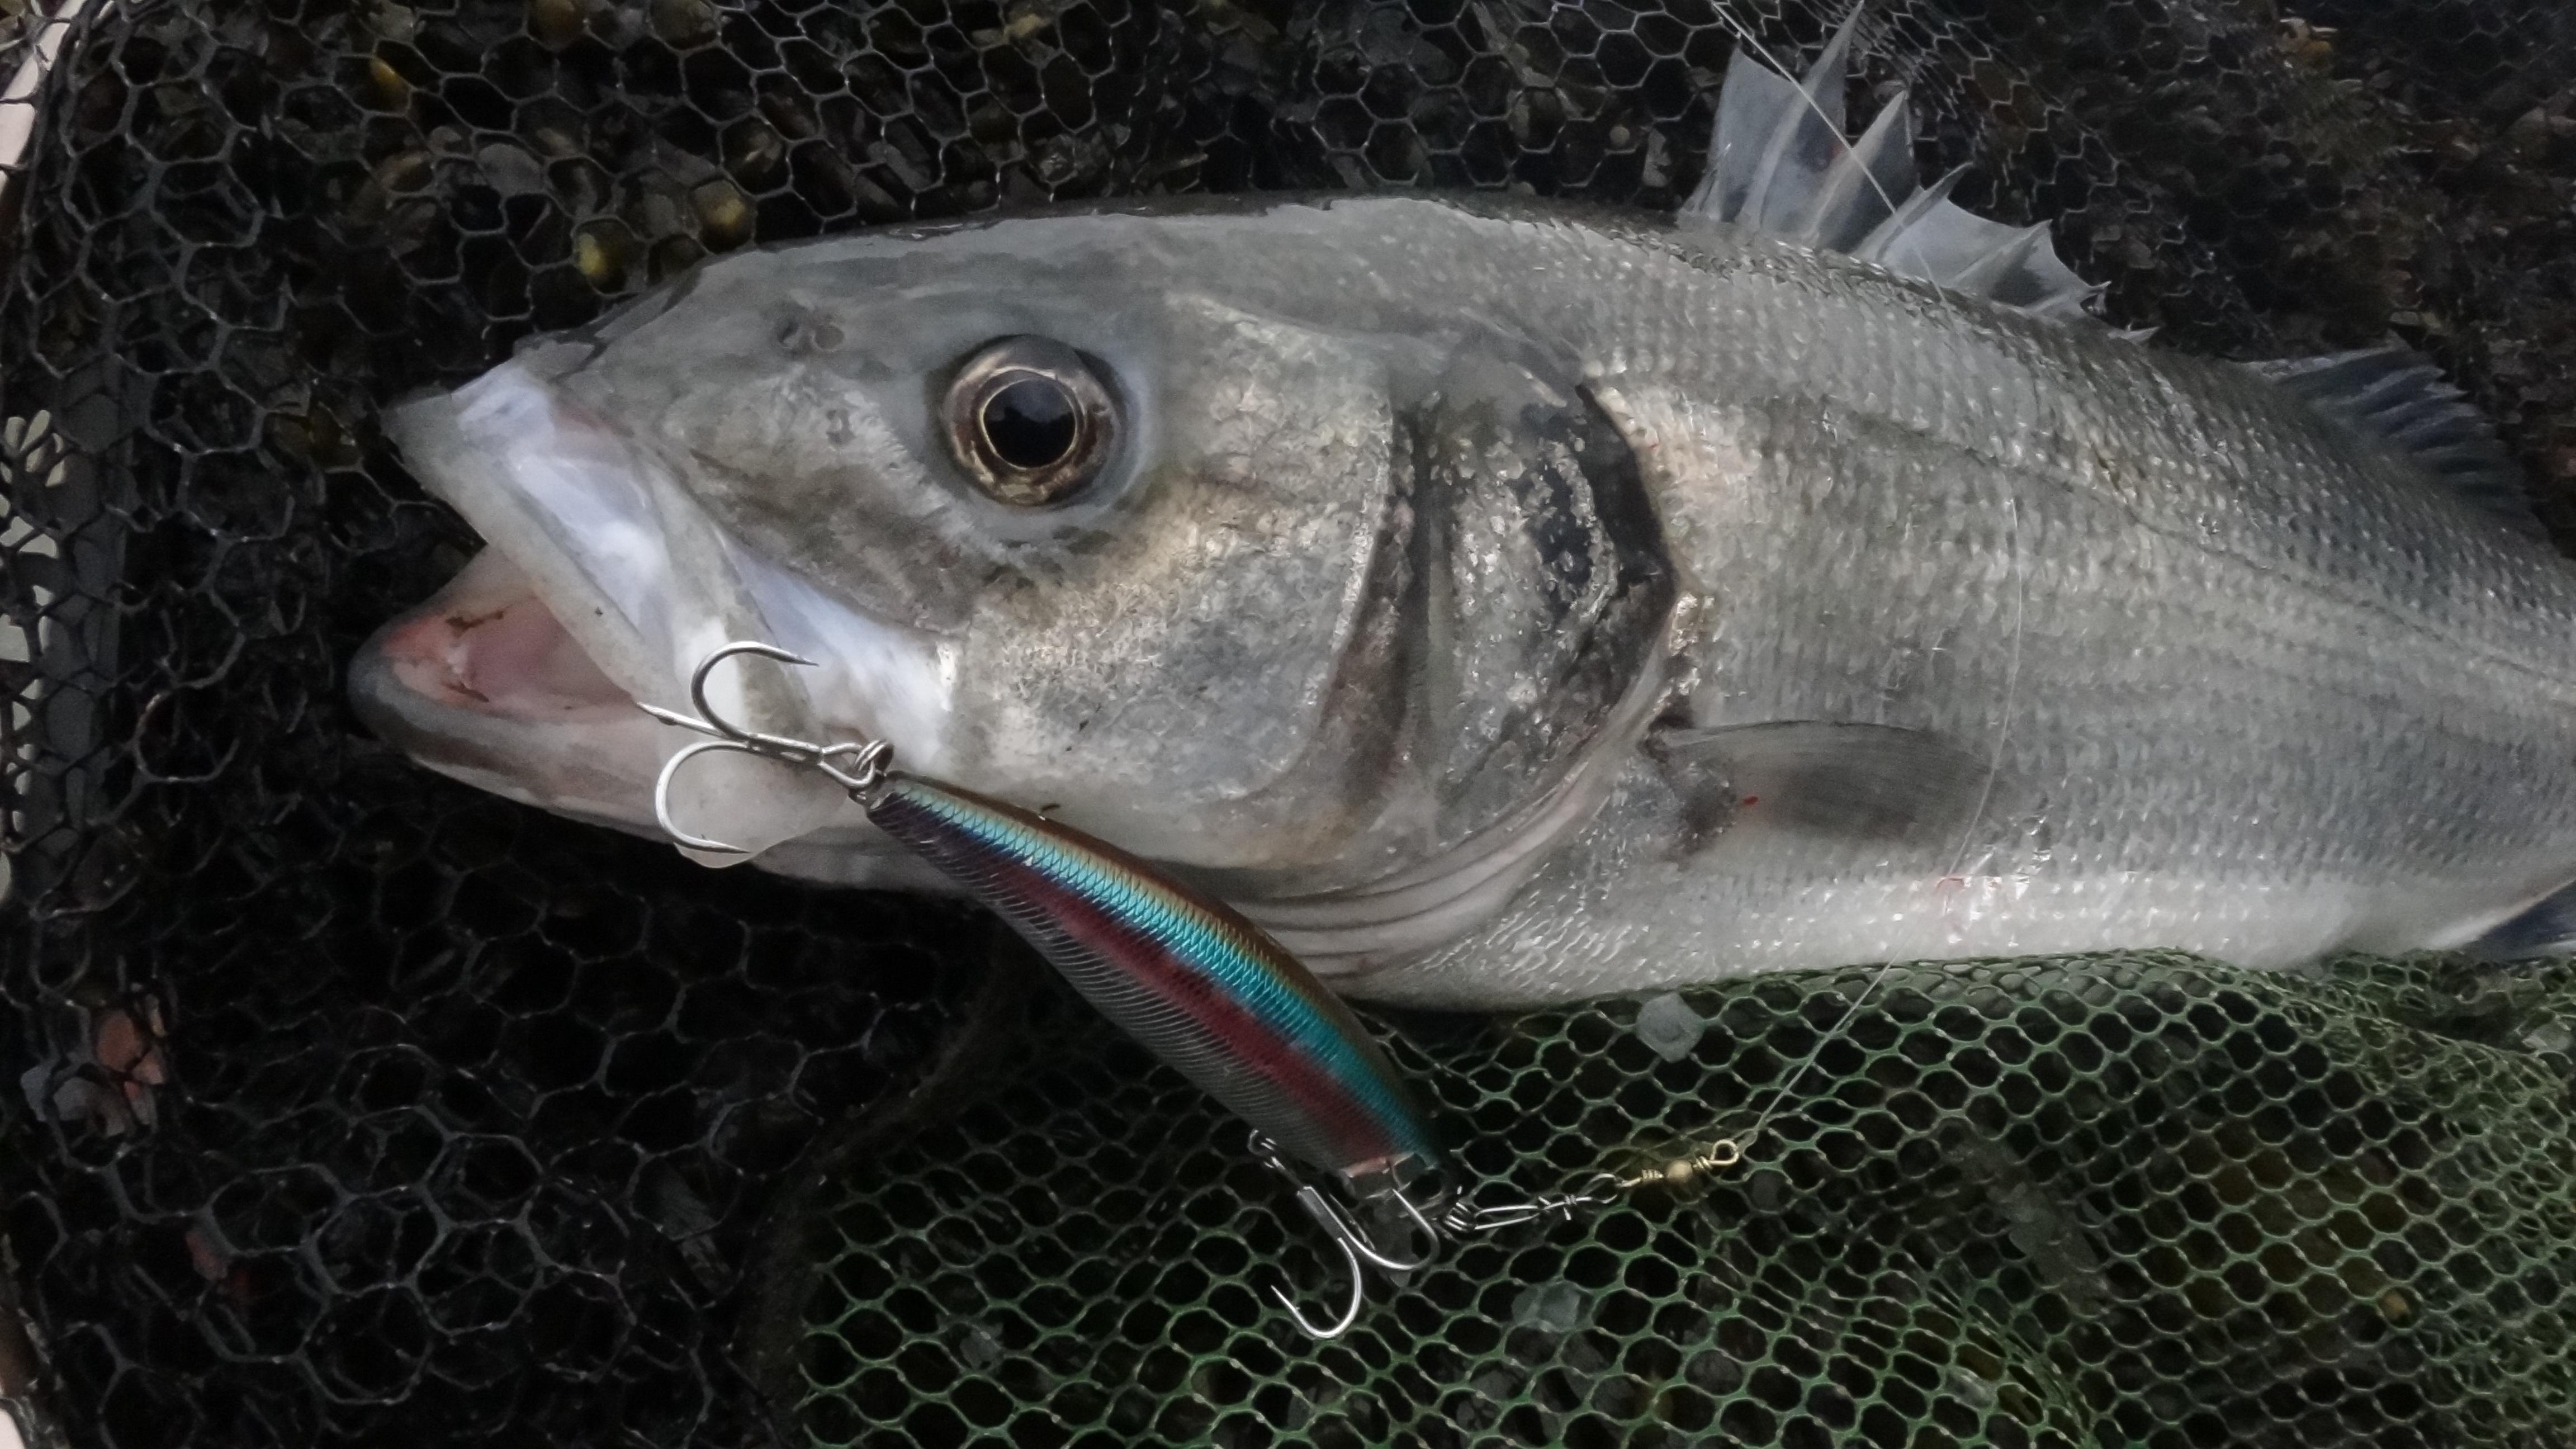 Wolfsbarsch im Kescher. In 2018 müssen alle Fische zurückgesetzt werden.  Foto: A. Pawlitzki